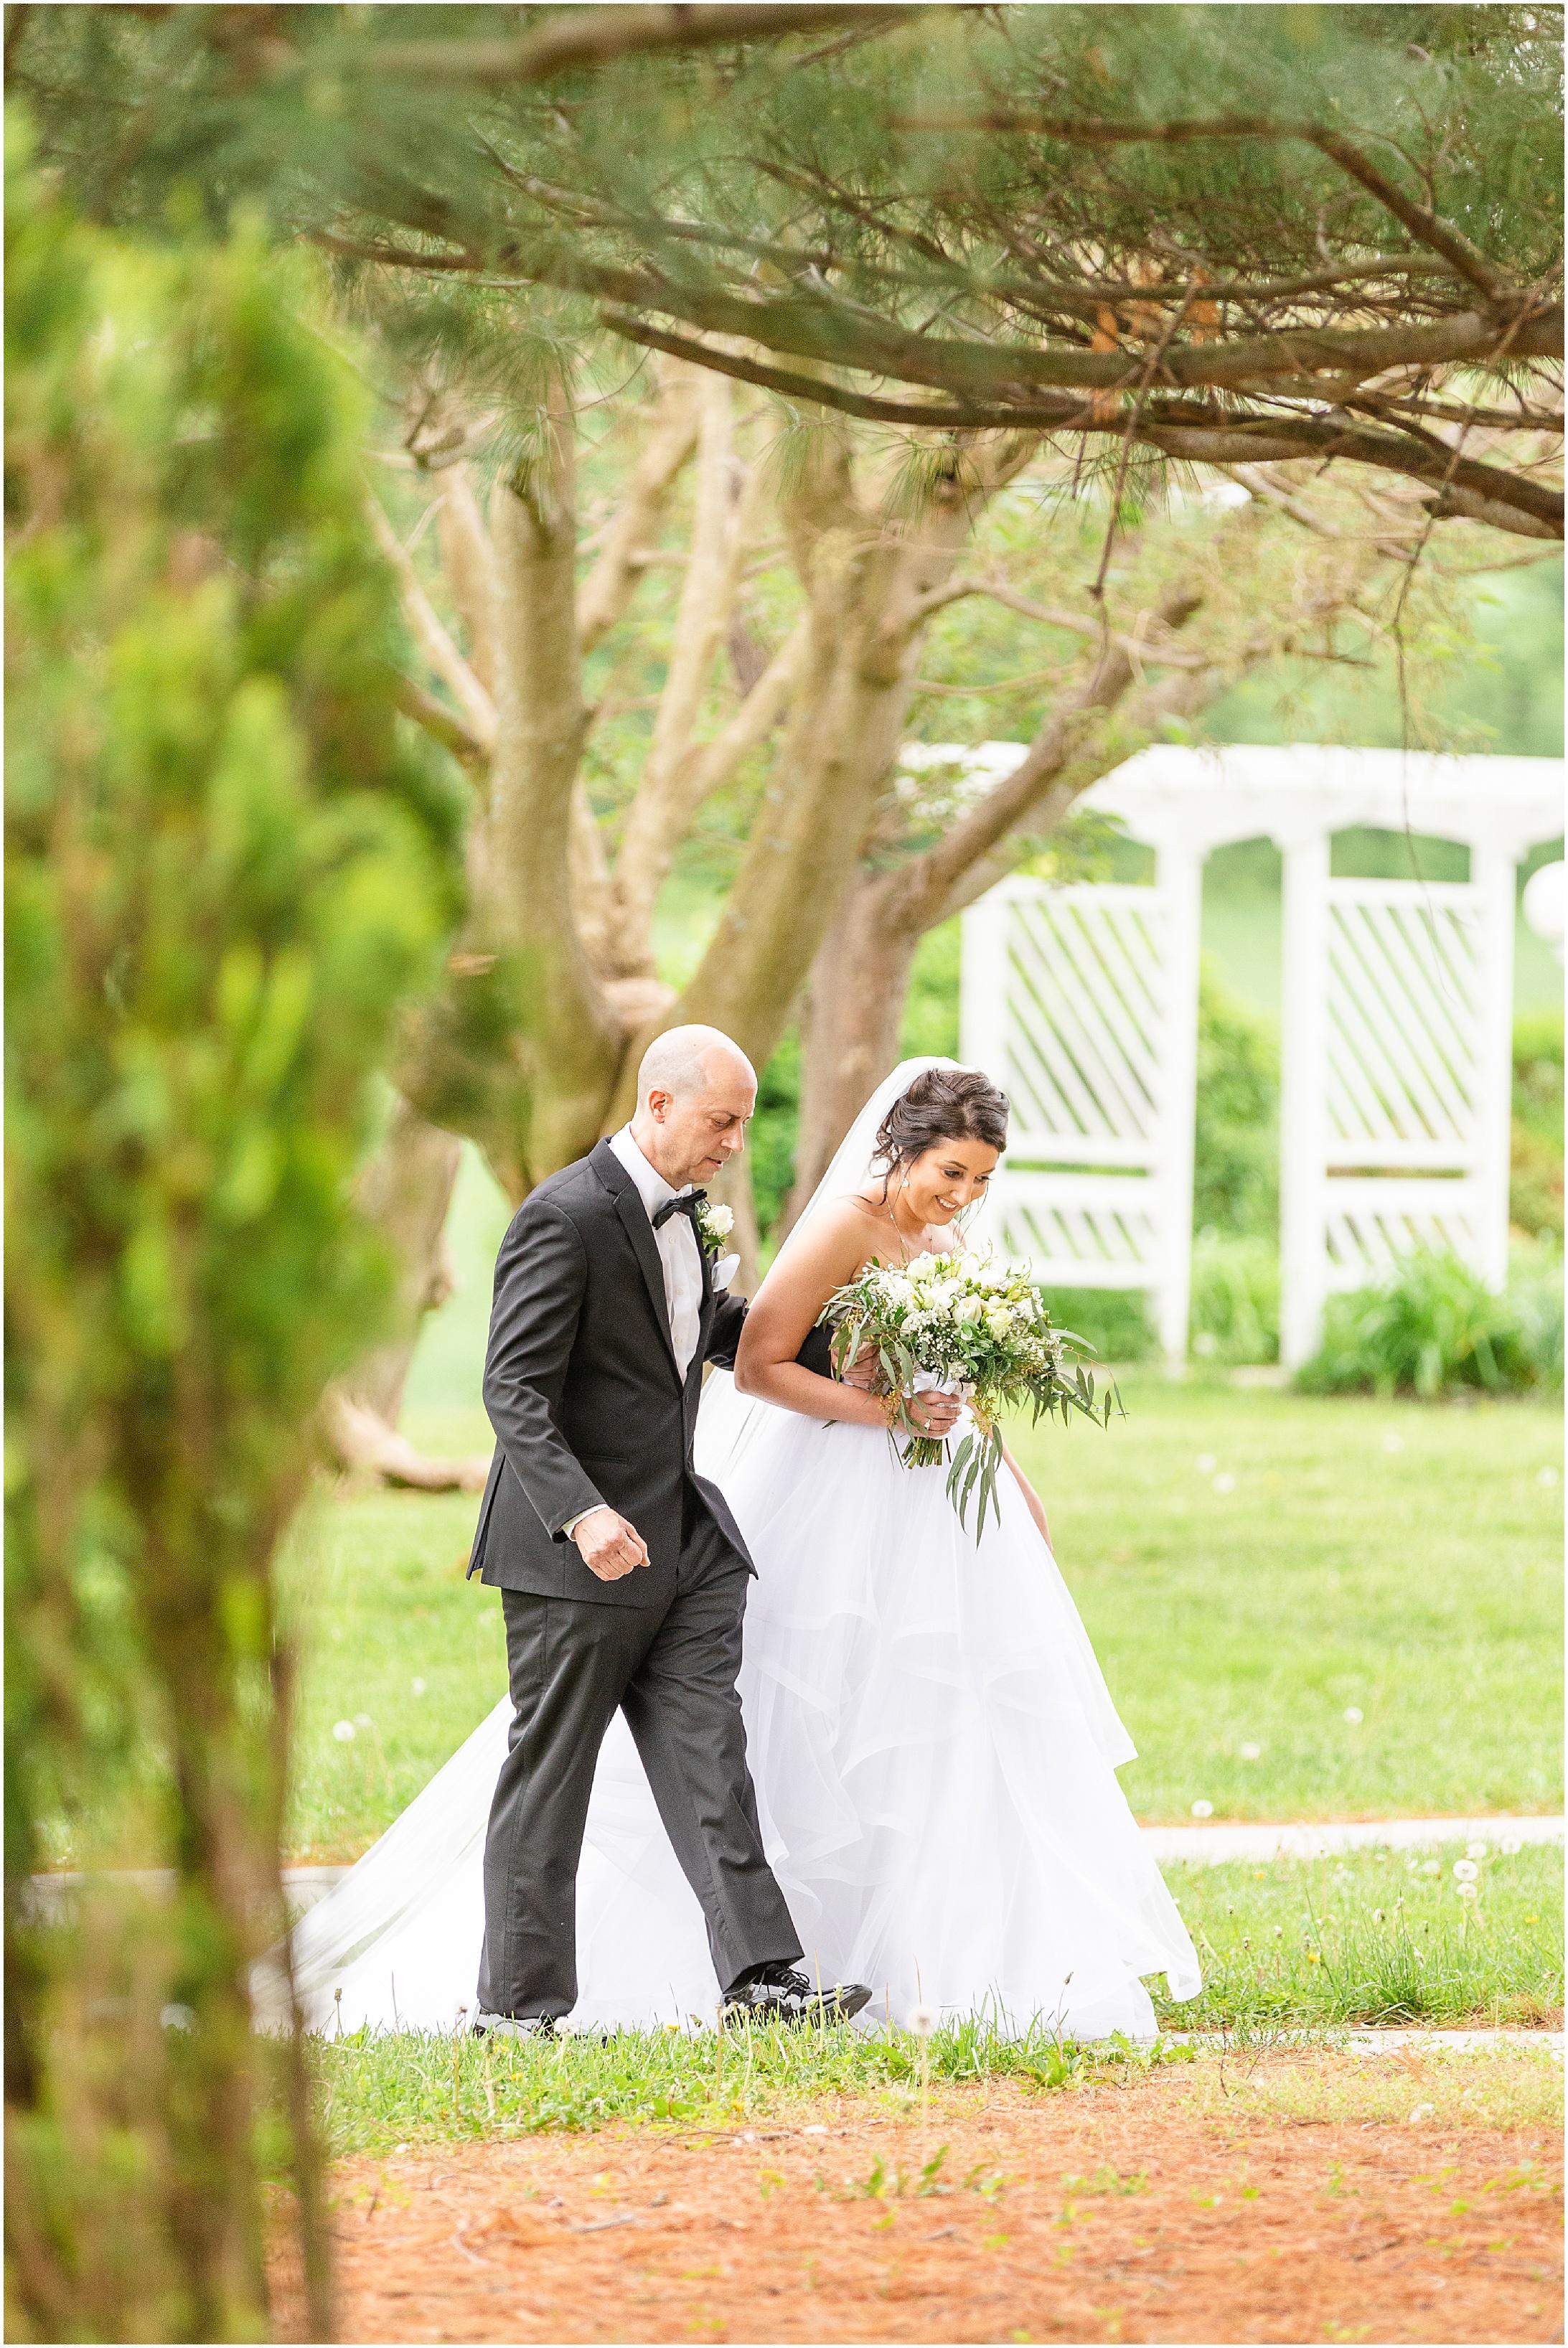 Stone-manor-country-club-wedding-photos-150.jpg